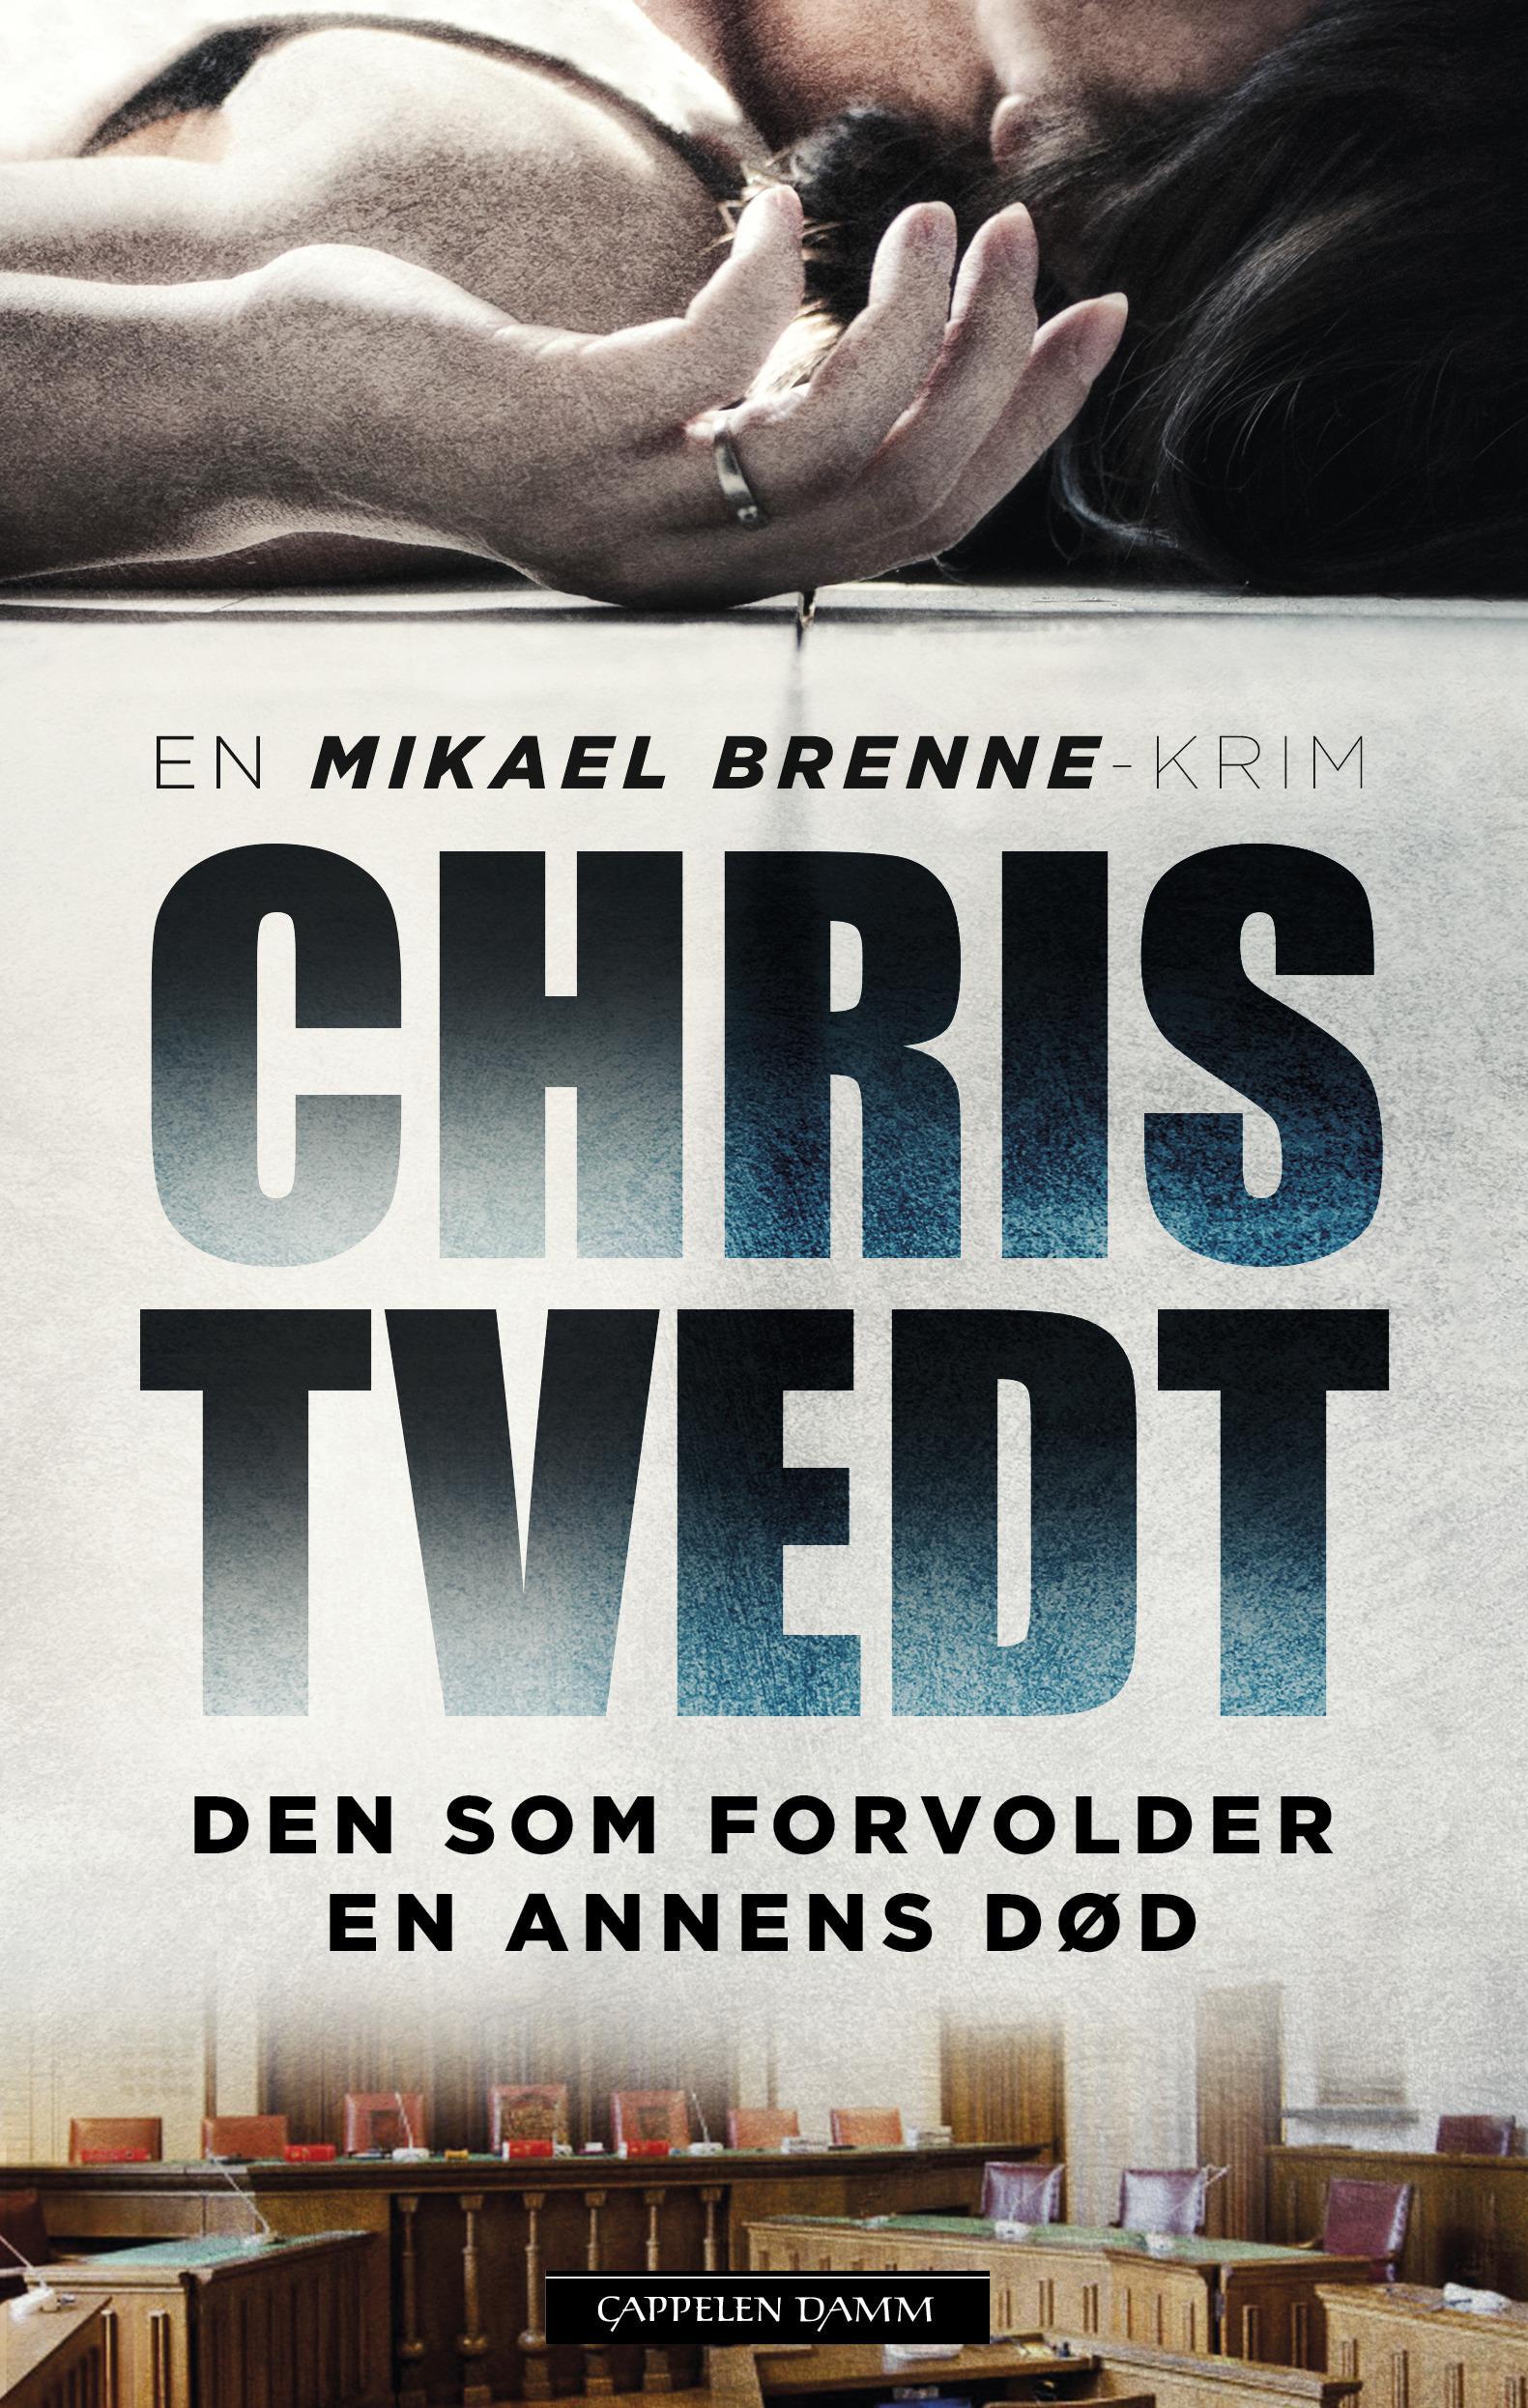 """""""Den som forvolder en annens død - kriminalroman"""" av Chris Tvedt"""